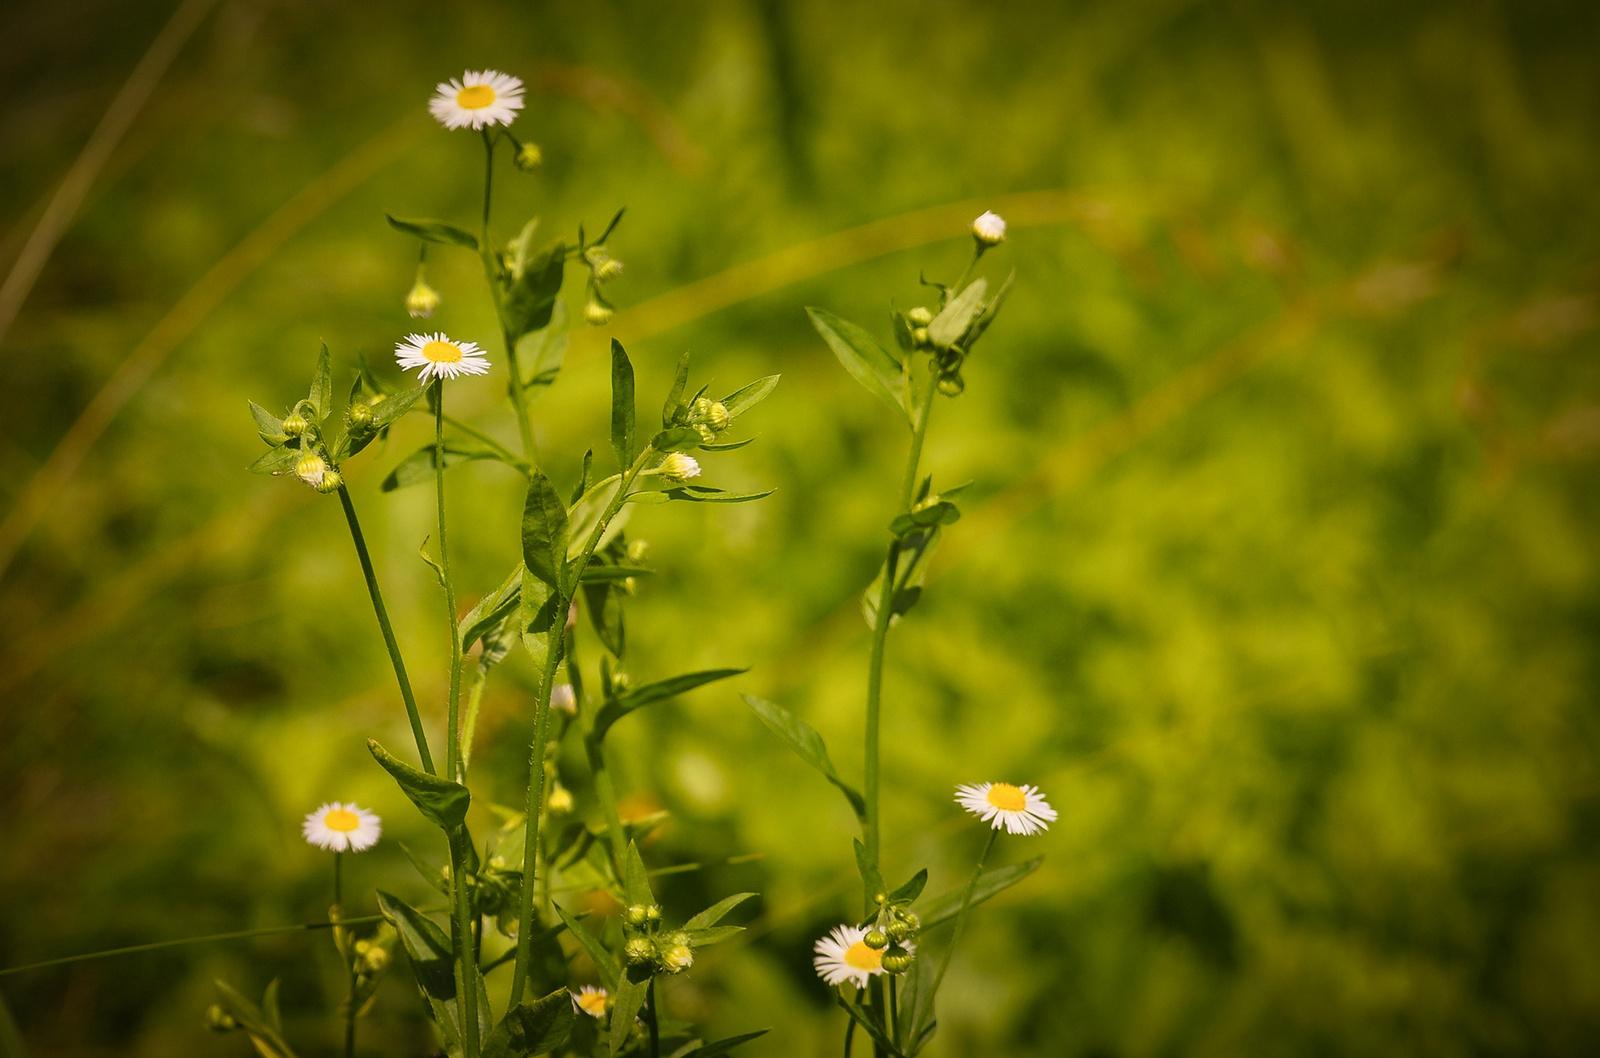 Pár szál virág